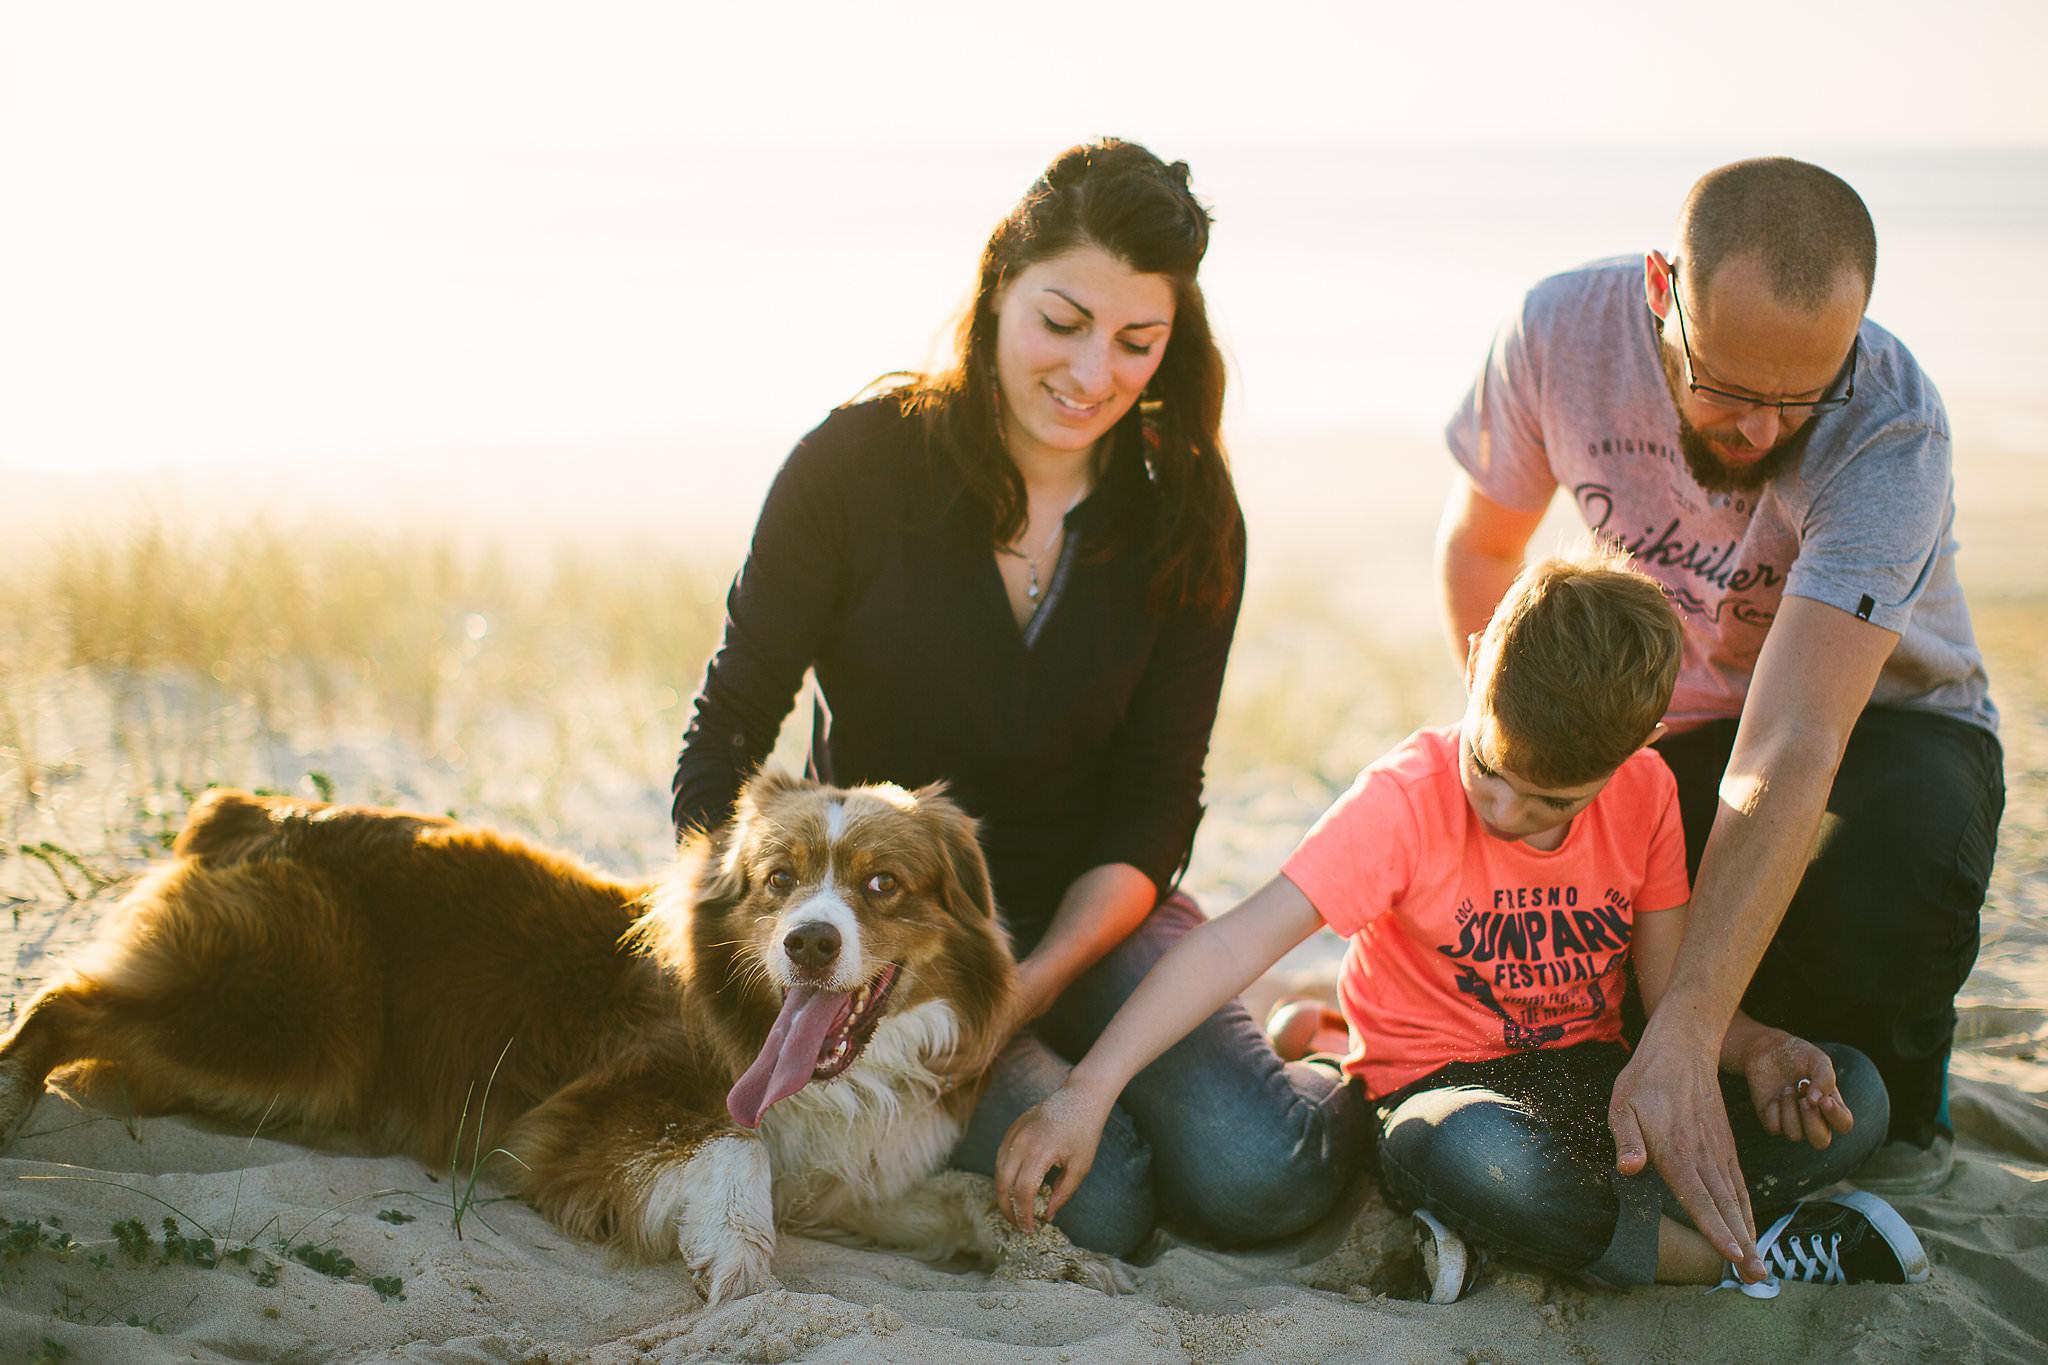 photographe de famille a seignosse dans les landes avec claire saucaz